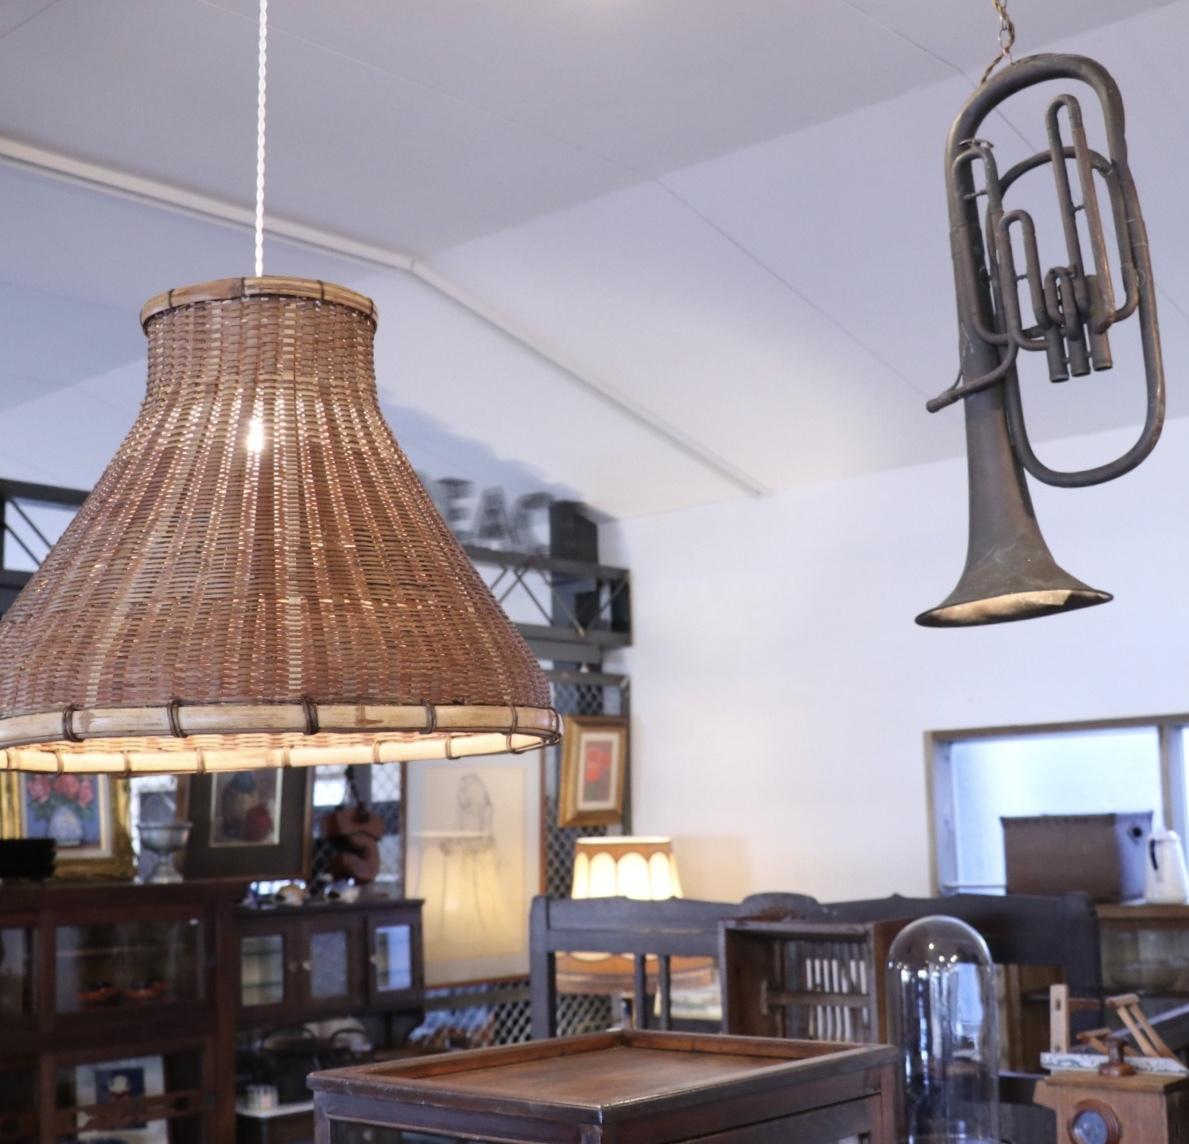 徳島の骨董買取店コユメヤです。古いもの古道具アンティーク無料出張買取!_d0172694_20351139.jpeg